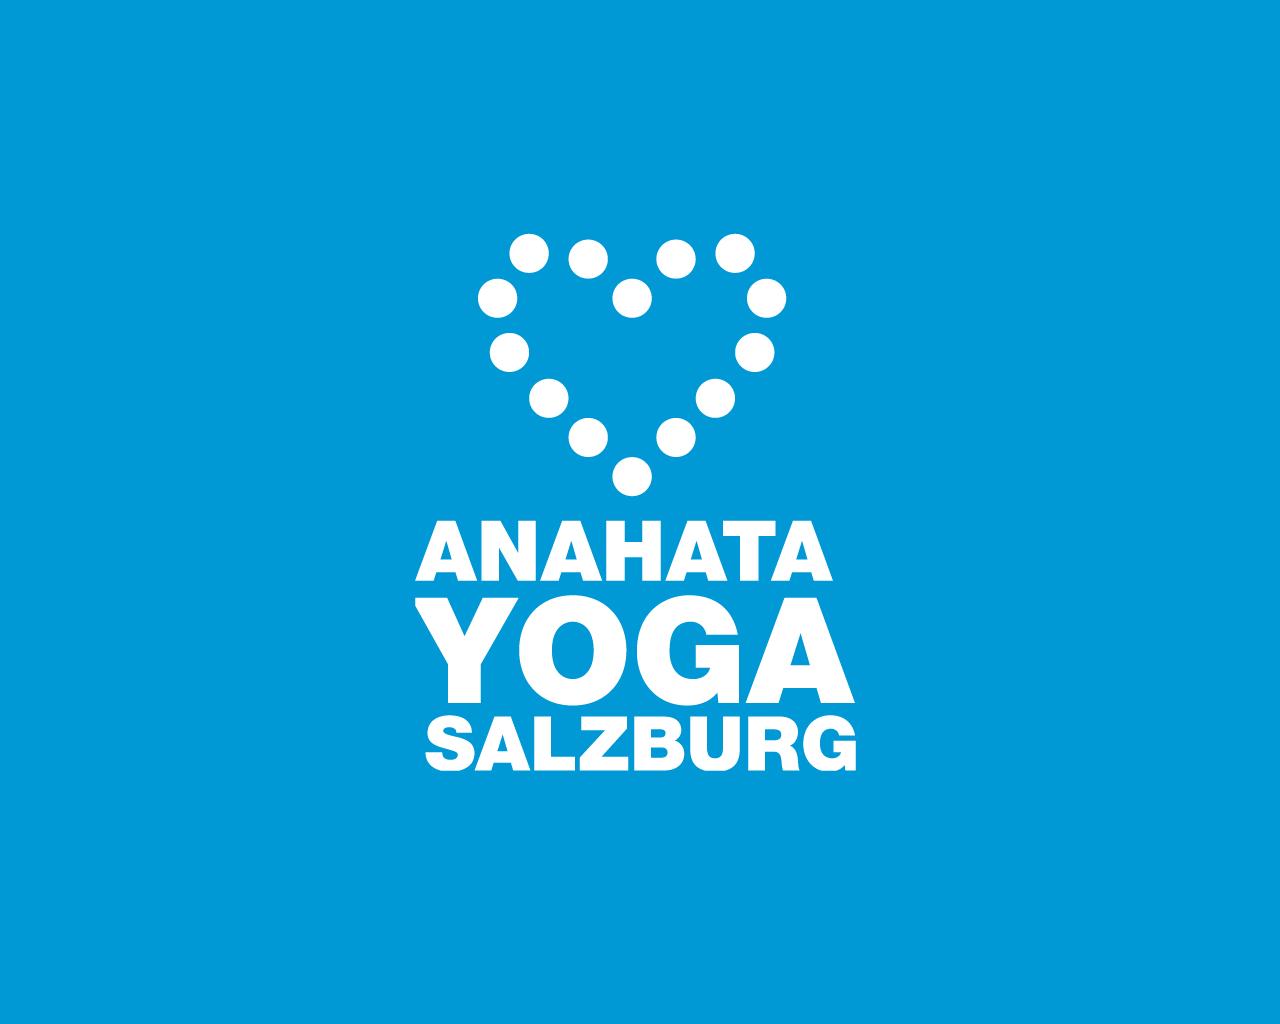 Anahata-Yoga-Salzburg-Logo-Relaunch-2017_Header-Logo-weiss_Header-blau